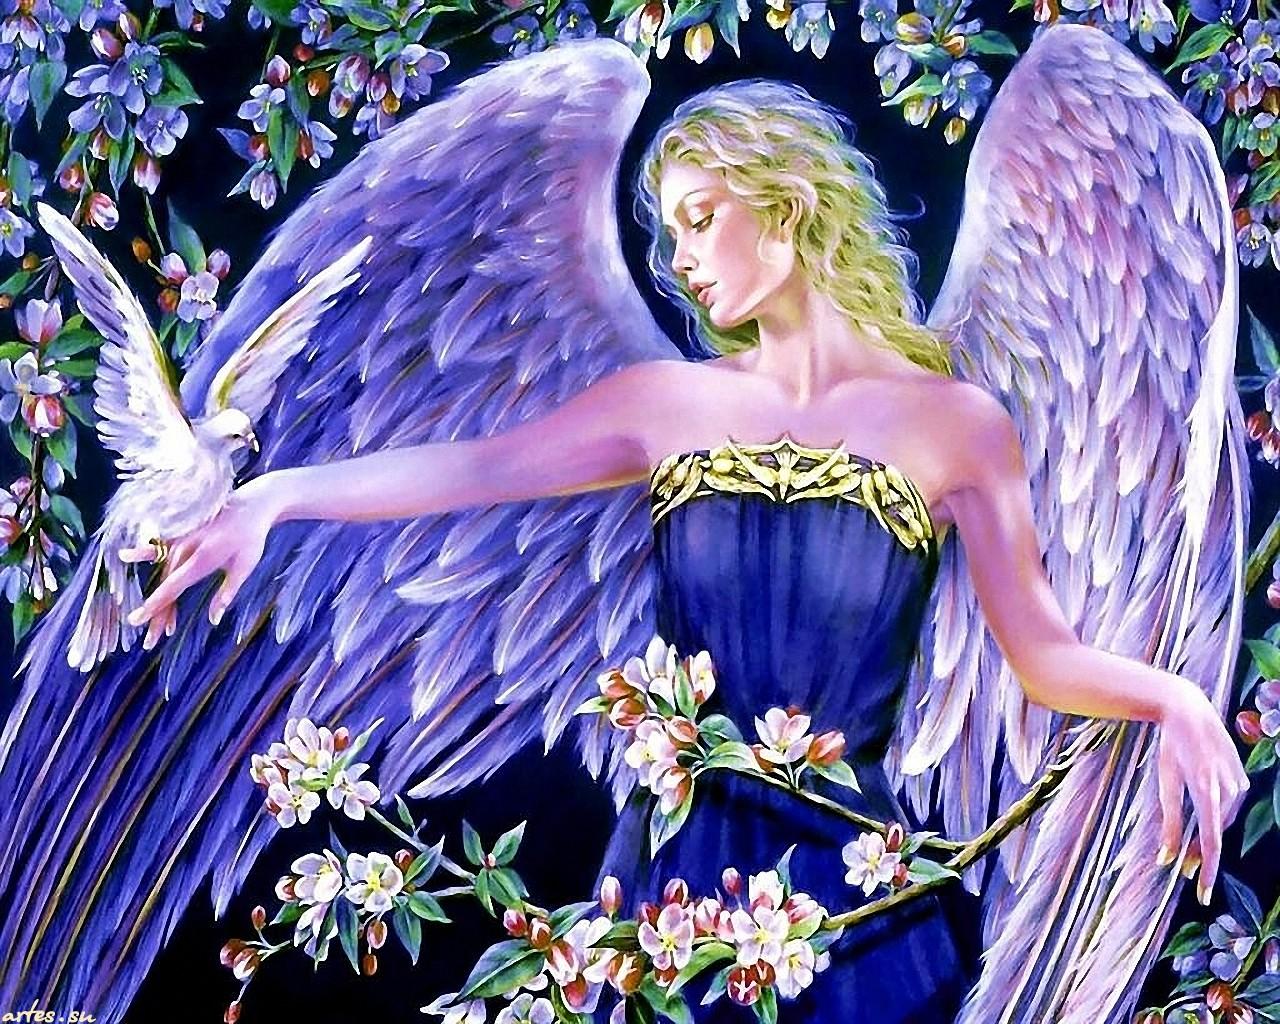 Смотреть бесплатно фото марты амур ангел 13 фотография